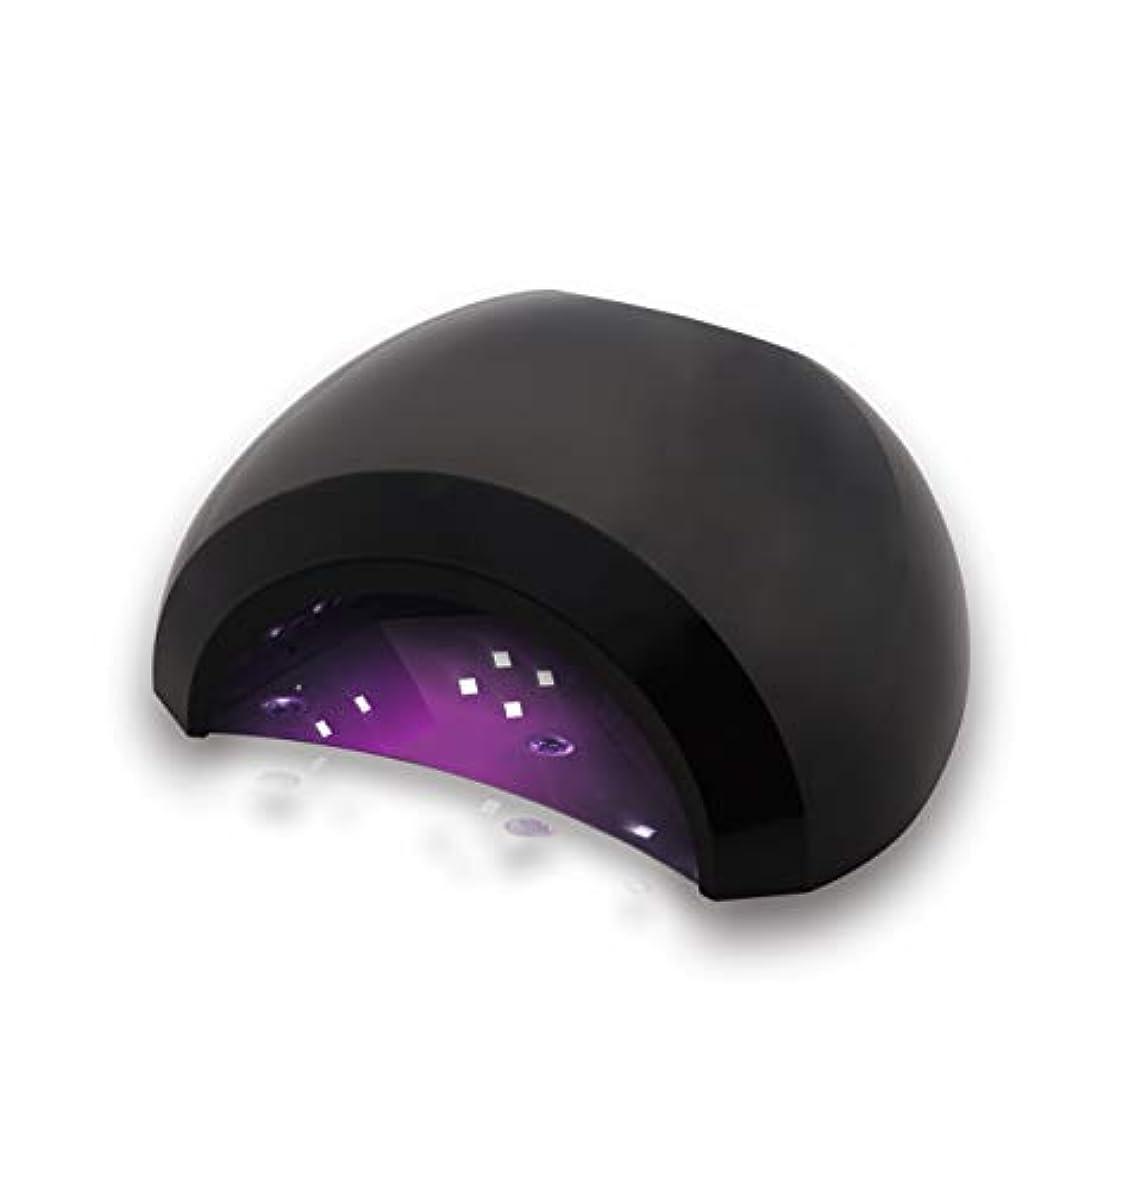 菊同等の整理するAokitec UV LED ネイルドライヤー 48w高速硬化ネイルライト 人感センサーとタイマー付 時間メモリ 手足両用ネイルランプ 全ジェル対応 レジンにも使える 日本語説明書付【一年間保証】 …